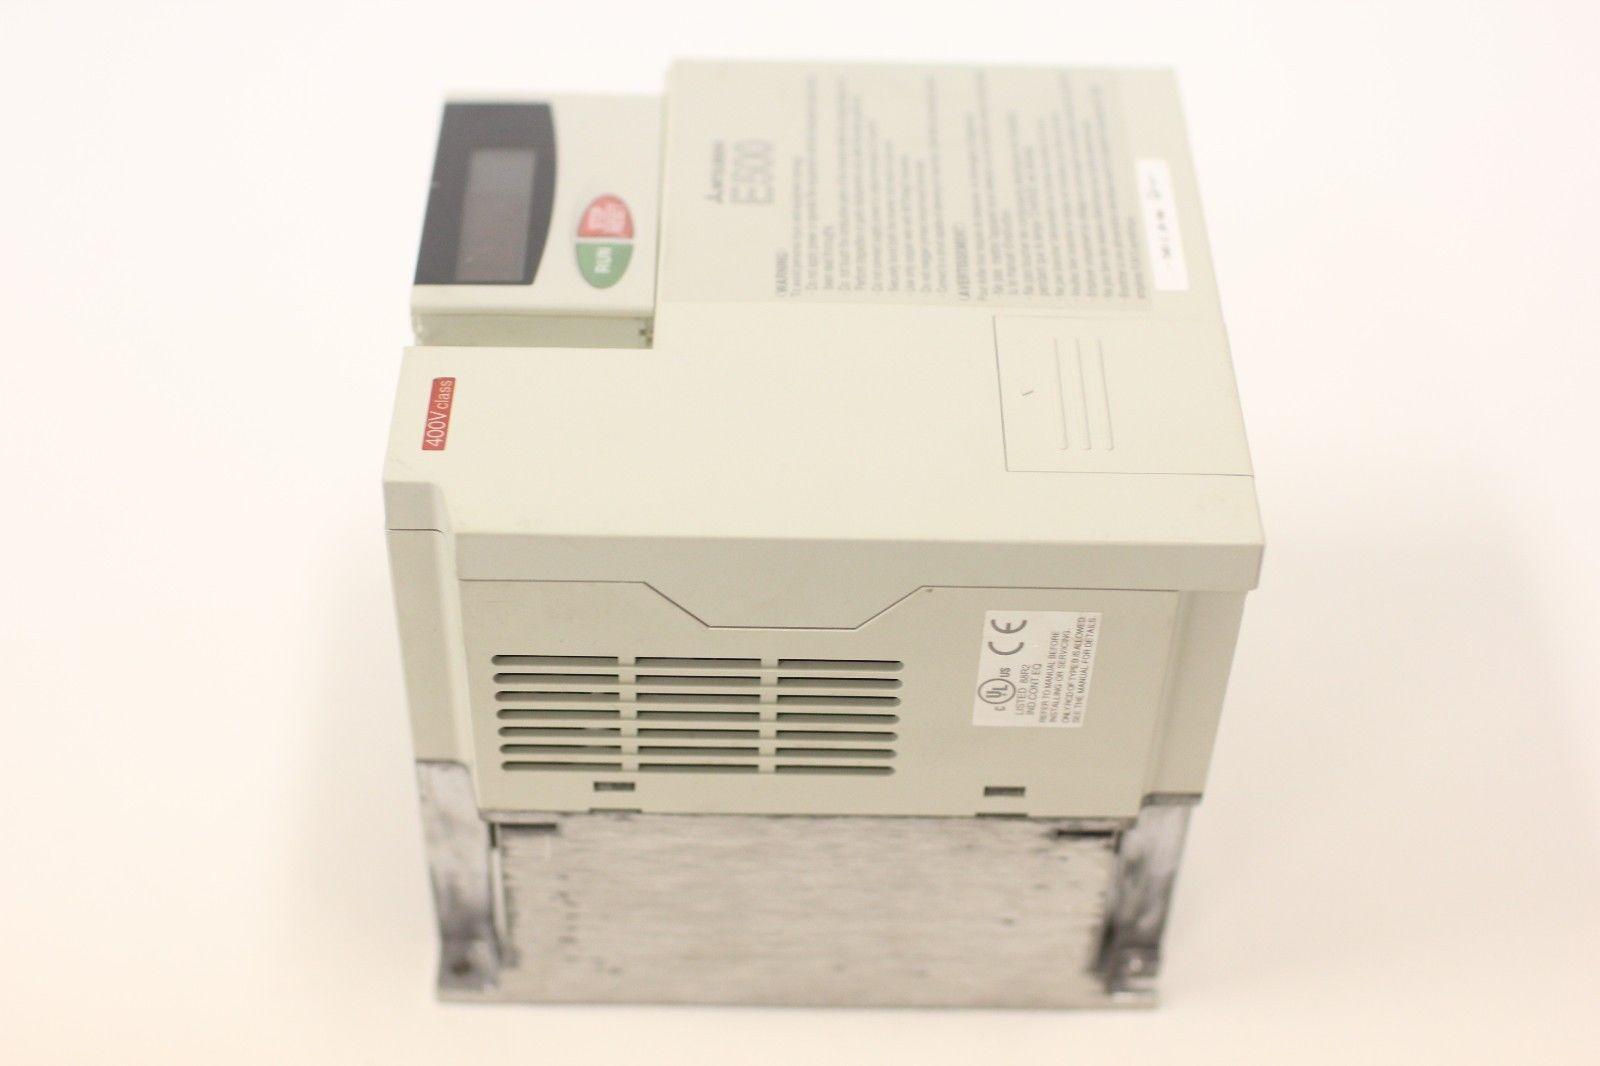 Rblt Mitsubishi E500 Inverter 5 HP VFD AC Drive FR-E540-3.7K-NA 480 V 15.1 A   eBay